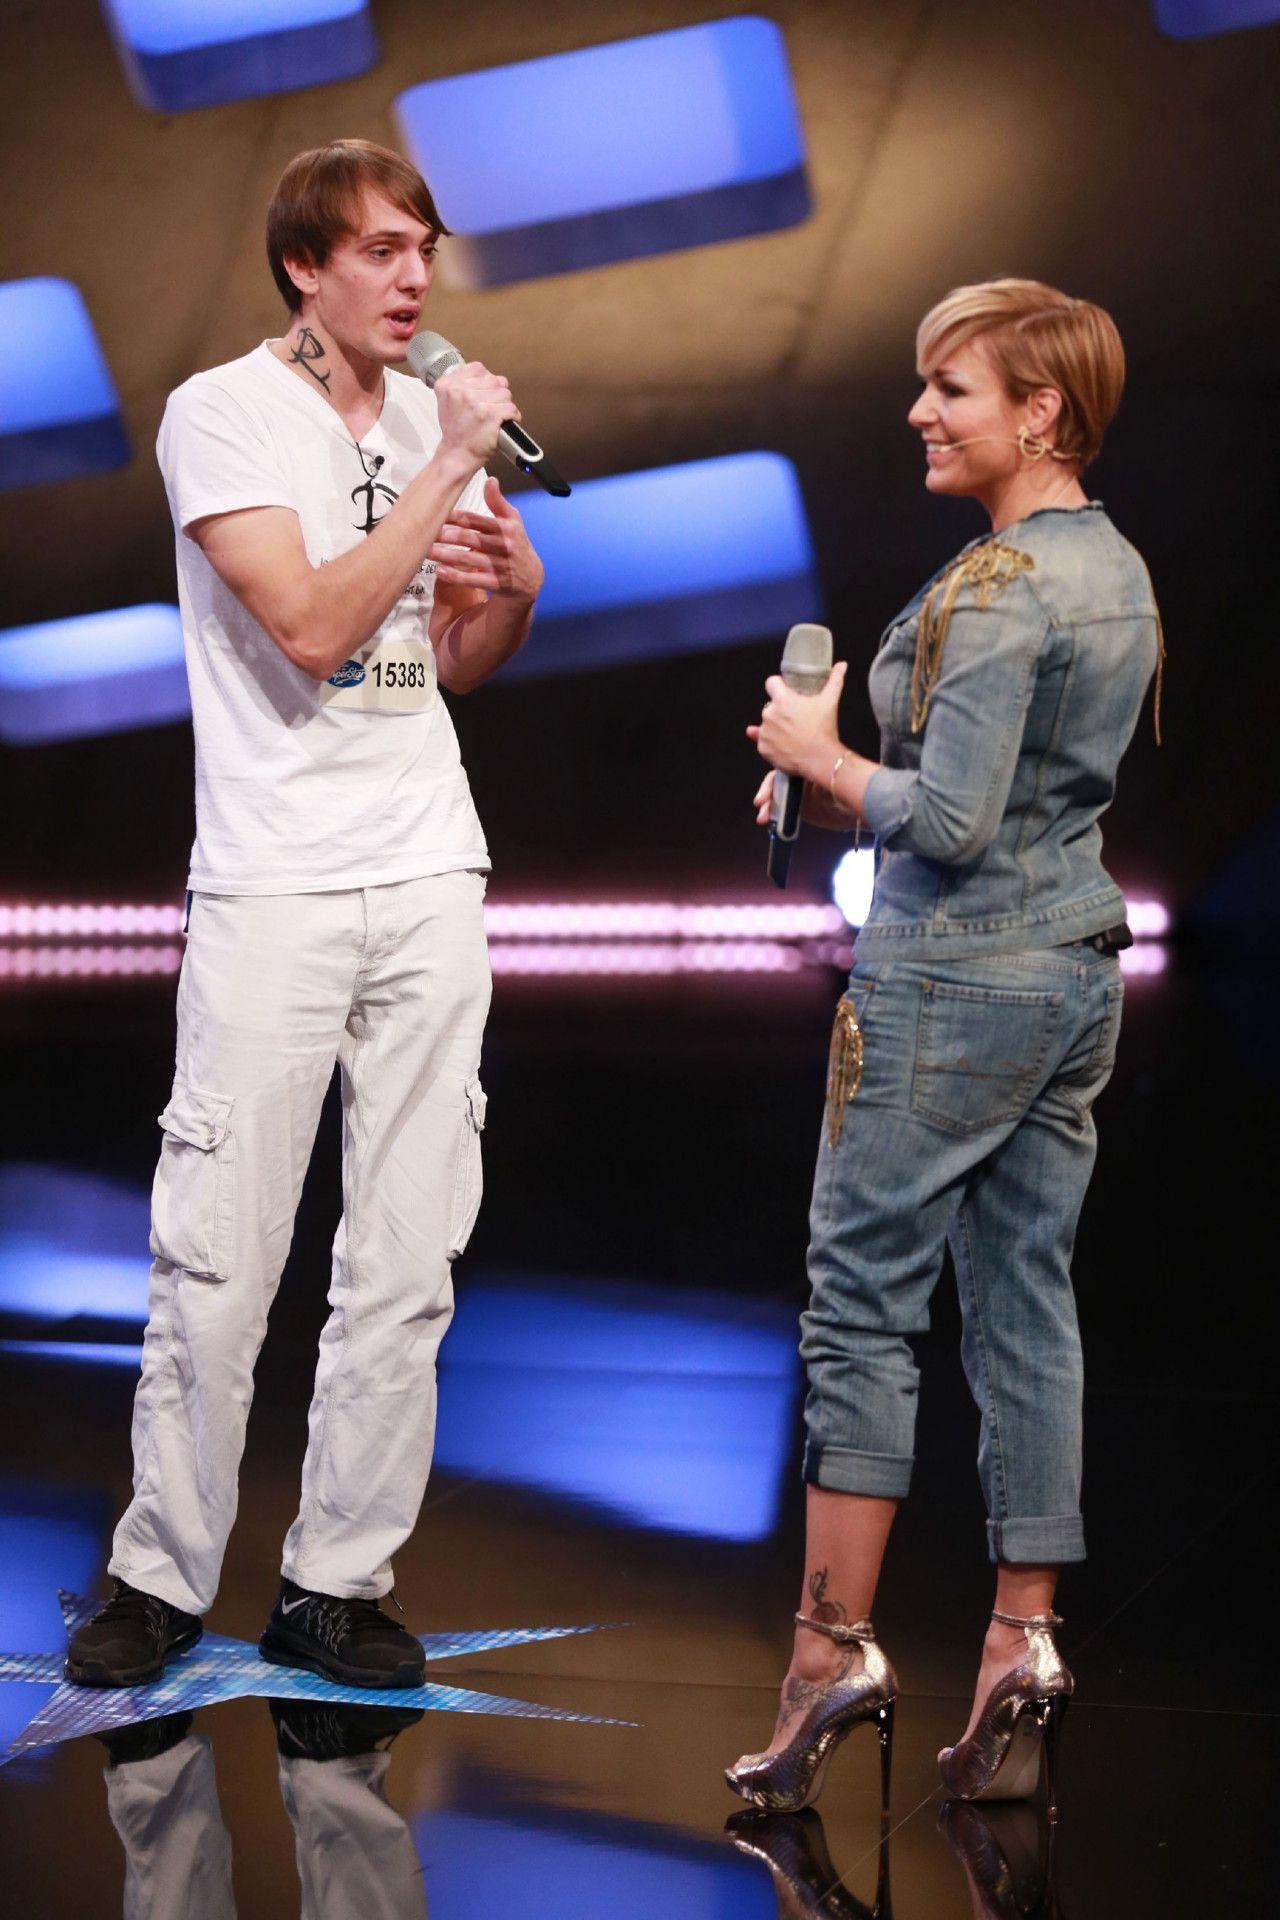 """Zum Casting hat er den Song """"Du Idiot"""" von Michelle und Matthias Reim mitgebracht. Und Michelle singt gerne mit."""